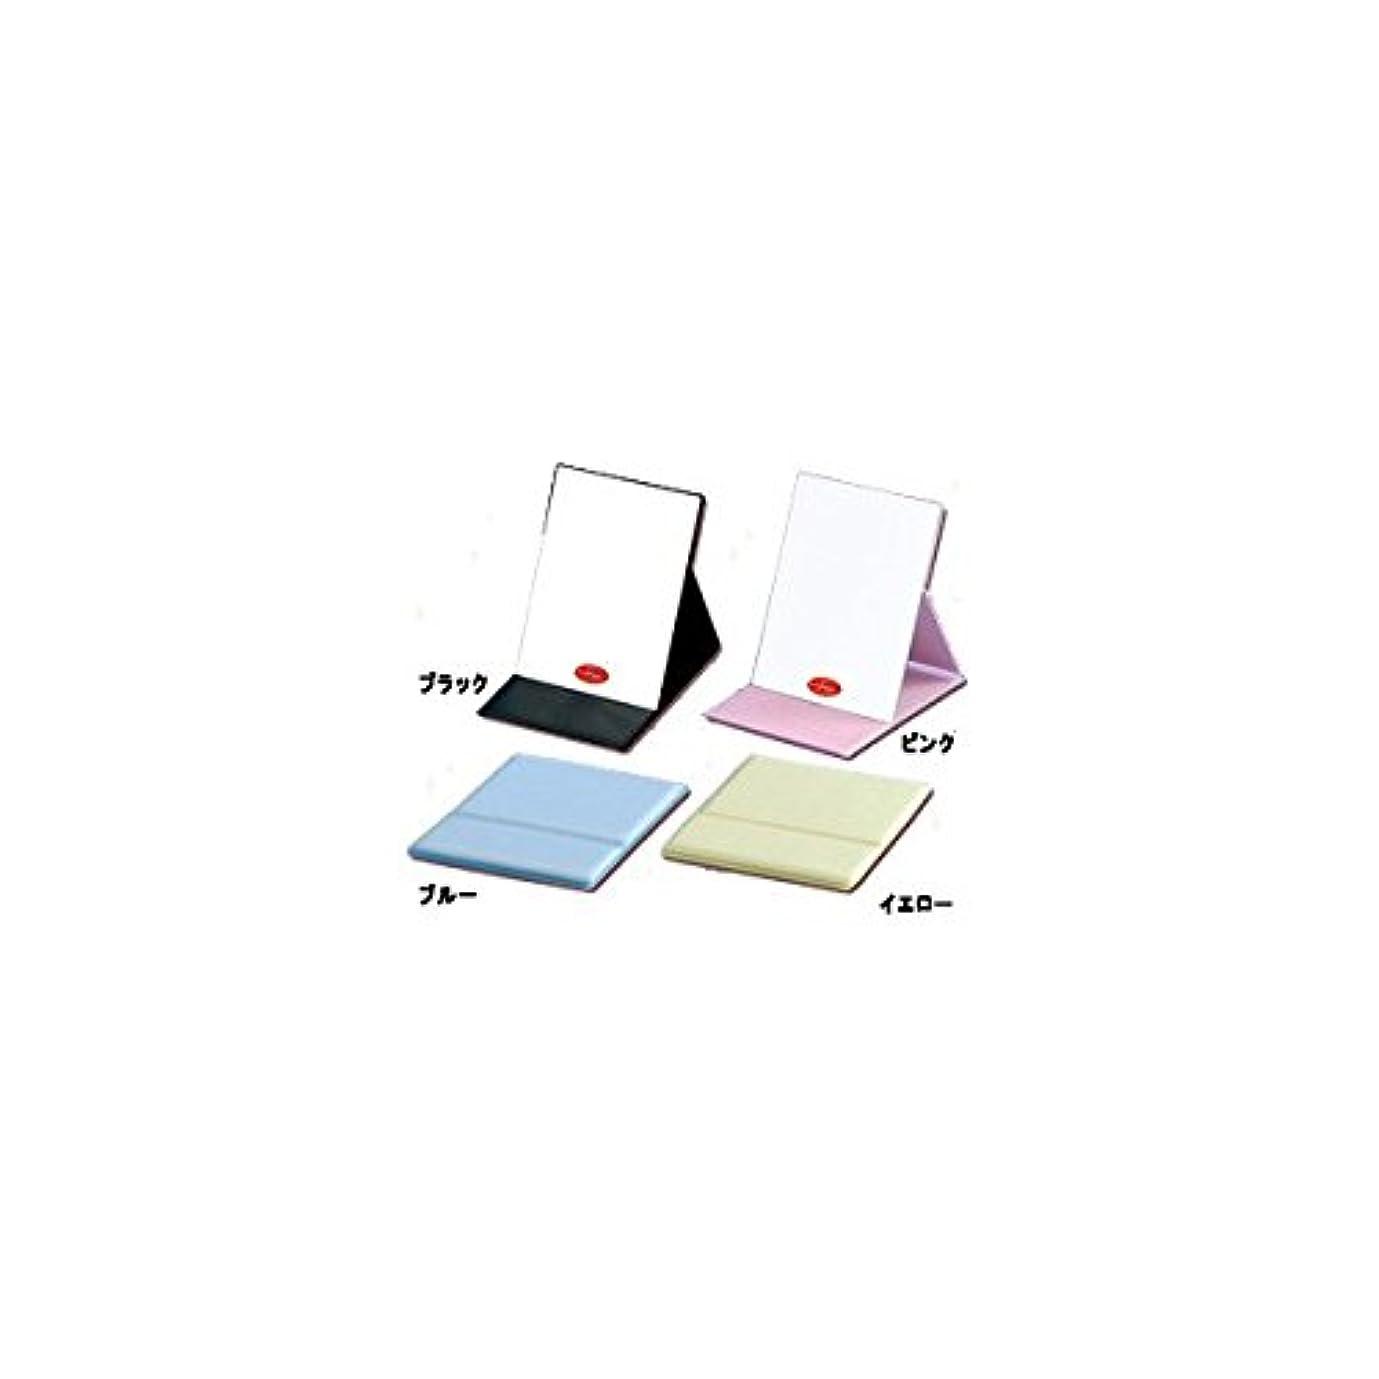 柱第五ハックナピュア プロモデル カラーバージョン折立ミラー M ピンク